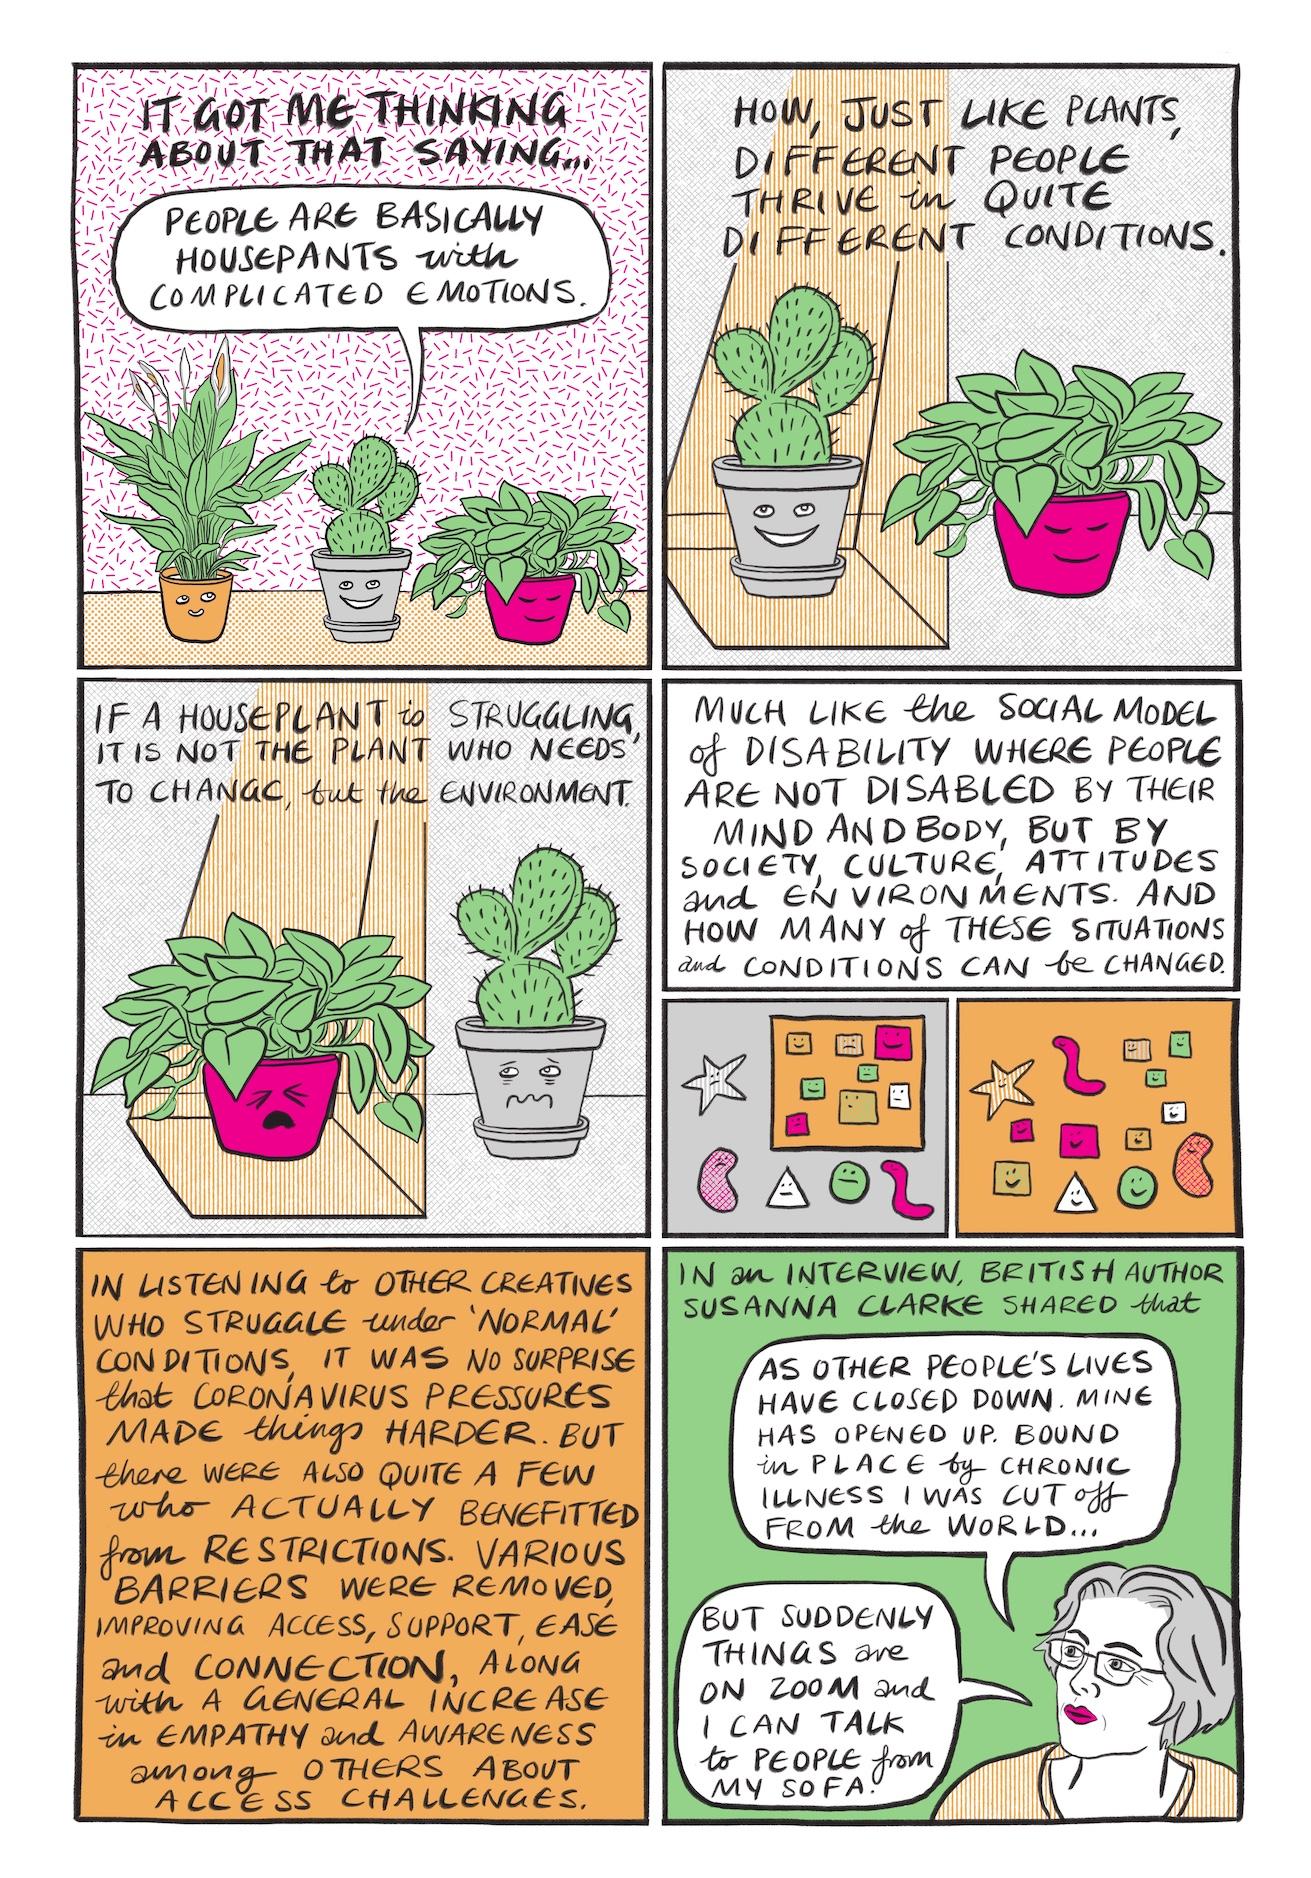 Seite 7:   Bild 1: Vor einer weißen Tapete mit pinken Stäbchen stehen drei Pflanzen, von links nach rechts die im orangefarbenen Topf, ein Kaktus in einem grauen Topf sowie die Pflanze im pinkfarbenen Topf nebeneinander auf einem hellorangenen Grund. Alle drei Töpfe lächeln, in einer Sprechblase über dem Kaktus steht steht…  Es brachte mich dazu, über diesen Spruch nachzudenken: Menschen sind im Grunde genommen Zimmerpflanzen mit komplizierten Emotionen.  Bild 2: In einem grauen Raum stehen zwei der Pflanzen auf dem Boden. Links steht der Kaktus im grauen Topf, der von einem orangefarbenen Licht von oben angestrahlt wird. Der Topf lächelt breit. Rechts daneben, nicht angeleuchtet, ist die Pflanze im pinkfarbenen Topf dargestellt, auch sie lächelt. Darüber steht…  Genau wie Pflanzen, gedeihen unterschiedliche Menschen unter ganz unterschiedlichen Bedingungen.  Bild 3: In diesem Bild haben die beiden Pflanzen die Plätze getauscht. Nun wird die pinkfarbene Pflanze angestrahlt, sie keift die Augen angestrengt zu und verzieht den Mund. Der Kaktus im grauen Topf wiederrum steht nun auf der rechten Seite, ohne angestrahlt zu werden. Auch er verzieht die Mund und hat die Augenbrauen heruntergezogen. Er blickt traurig auf das Licht zu seiner linken. Darüber steht…  Wenn es einer Zimmerpflanze nicht gut geht, ist es nicht die Pflanze, die sich ändern muss, sondern ihre Umgebung.  Bild 4: Das Bild ist dreigeteilt. In der oberen Hälfte steht ein Text. Darunter sind links und rechts in je zwei Quadrate dargestellt. Im linken grauen Quadrat befindet sich ein kleineres orangenes Quadrat. Im Orangenen Quadrat sind mehrere noch kleinere, bunte Quadrate mit lächelnden Gesichtern dargestellt. Um das orangefarbene Quadrat herum sind ein Stern, eine bohnenförmige Figur, ein Dreieck, ein Kreis und eine wurmartige Figur dargestellt. Sie sind ausgeschlossen von der gleichförmigen Gruppe und ihre Gesichter blicken traurig. Im zweiten Quadrat rechts daneben, dass gänzlich orange ist, sind nu